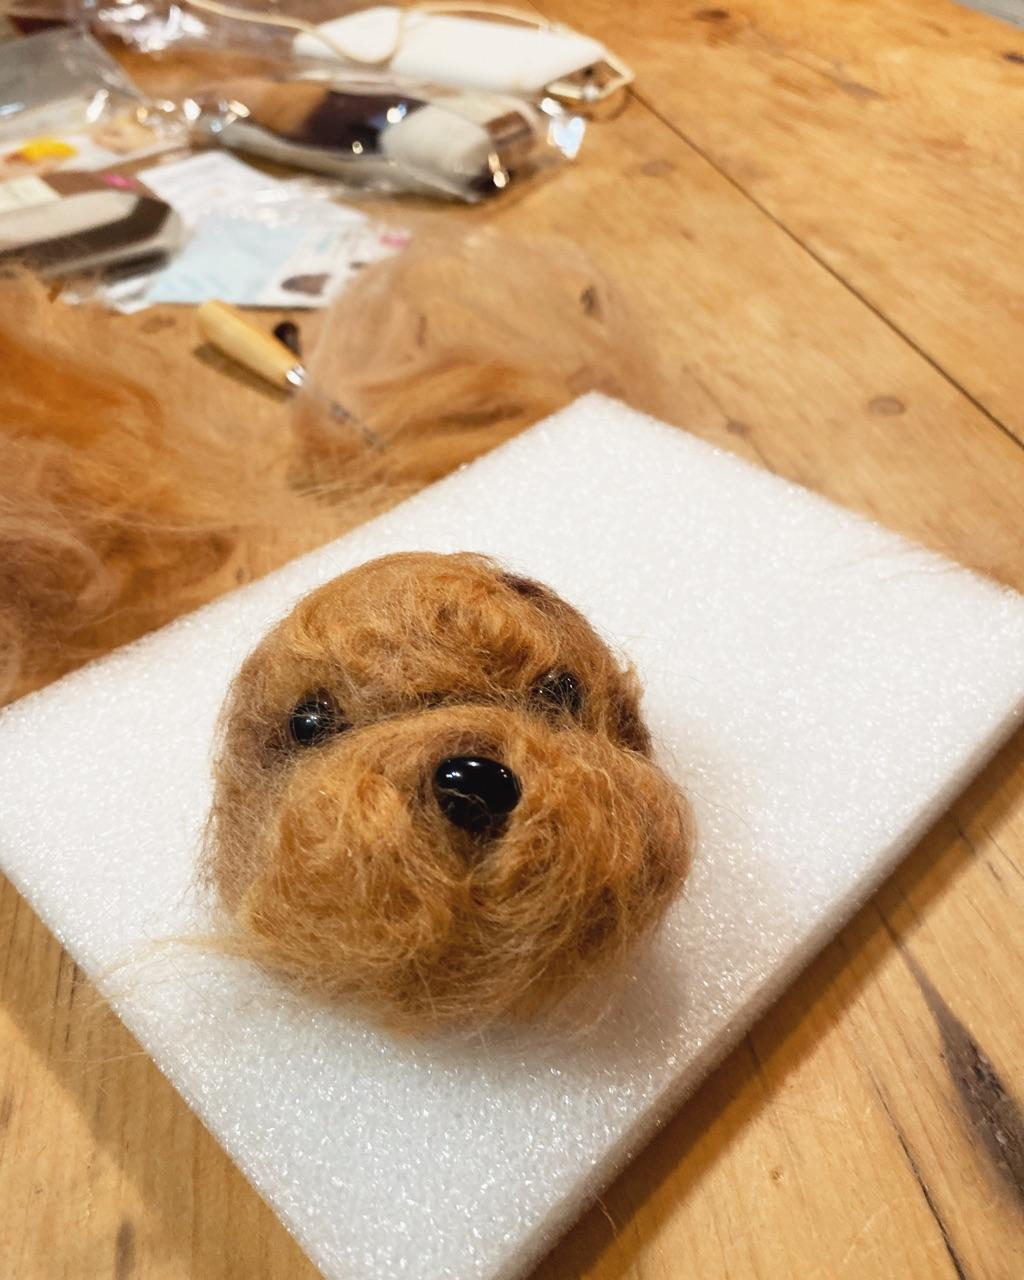 羊毛 フェルト 作り方 ダイソー 小1の夏休み工作|100均ダイソーの羊毛フェルトキットで動物を作ろう